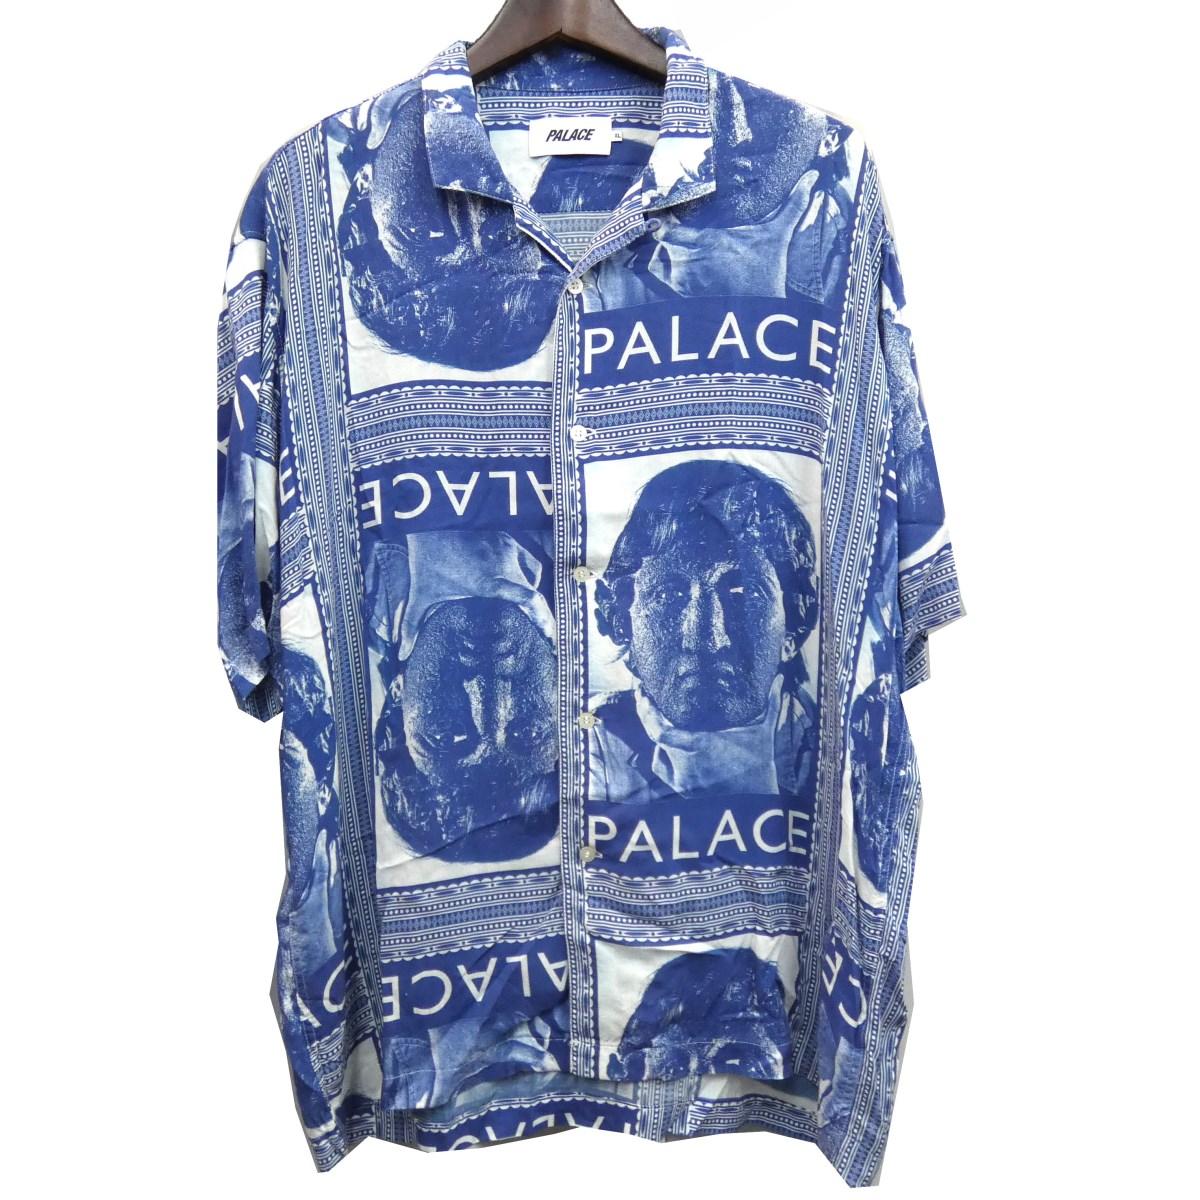 【中古】PALACE 19SS 「NICKED SHIRT」 レーヨン半袖シャツ ブルー サイズ:XL 【280420】(パレス)